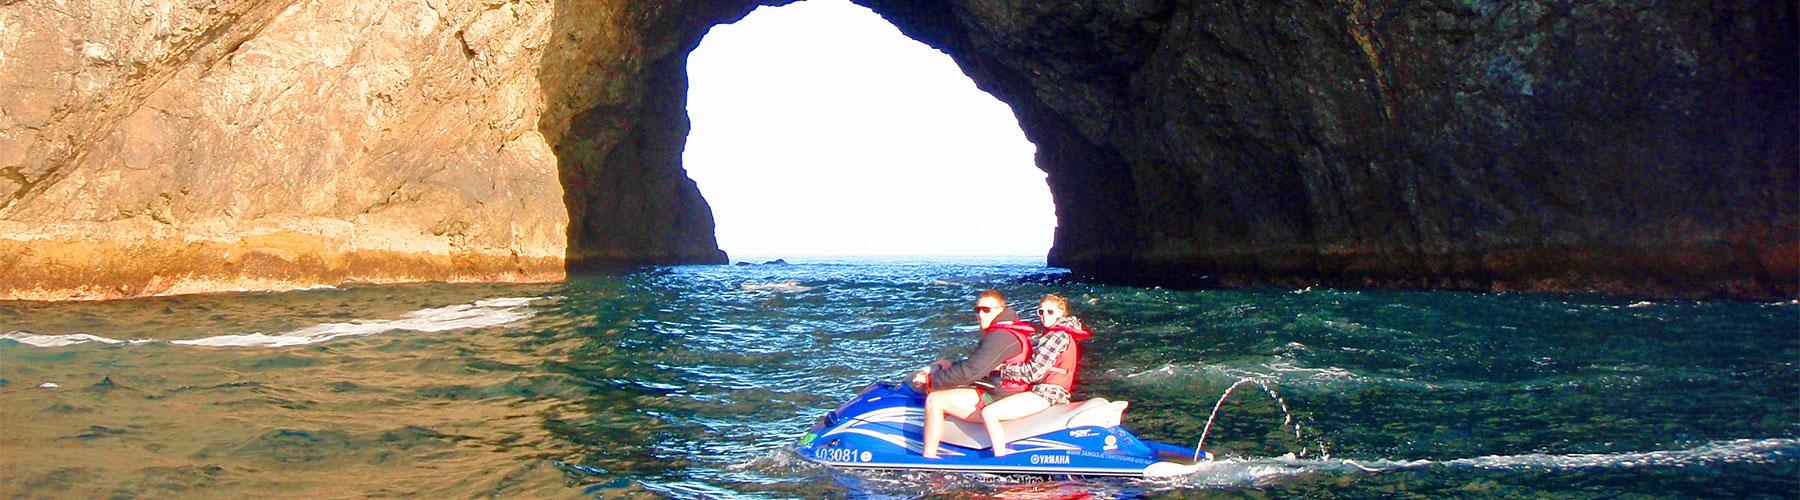 jetski Bay of Islands